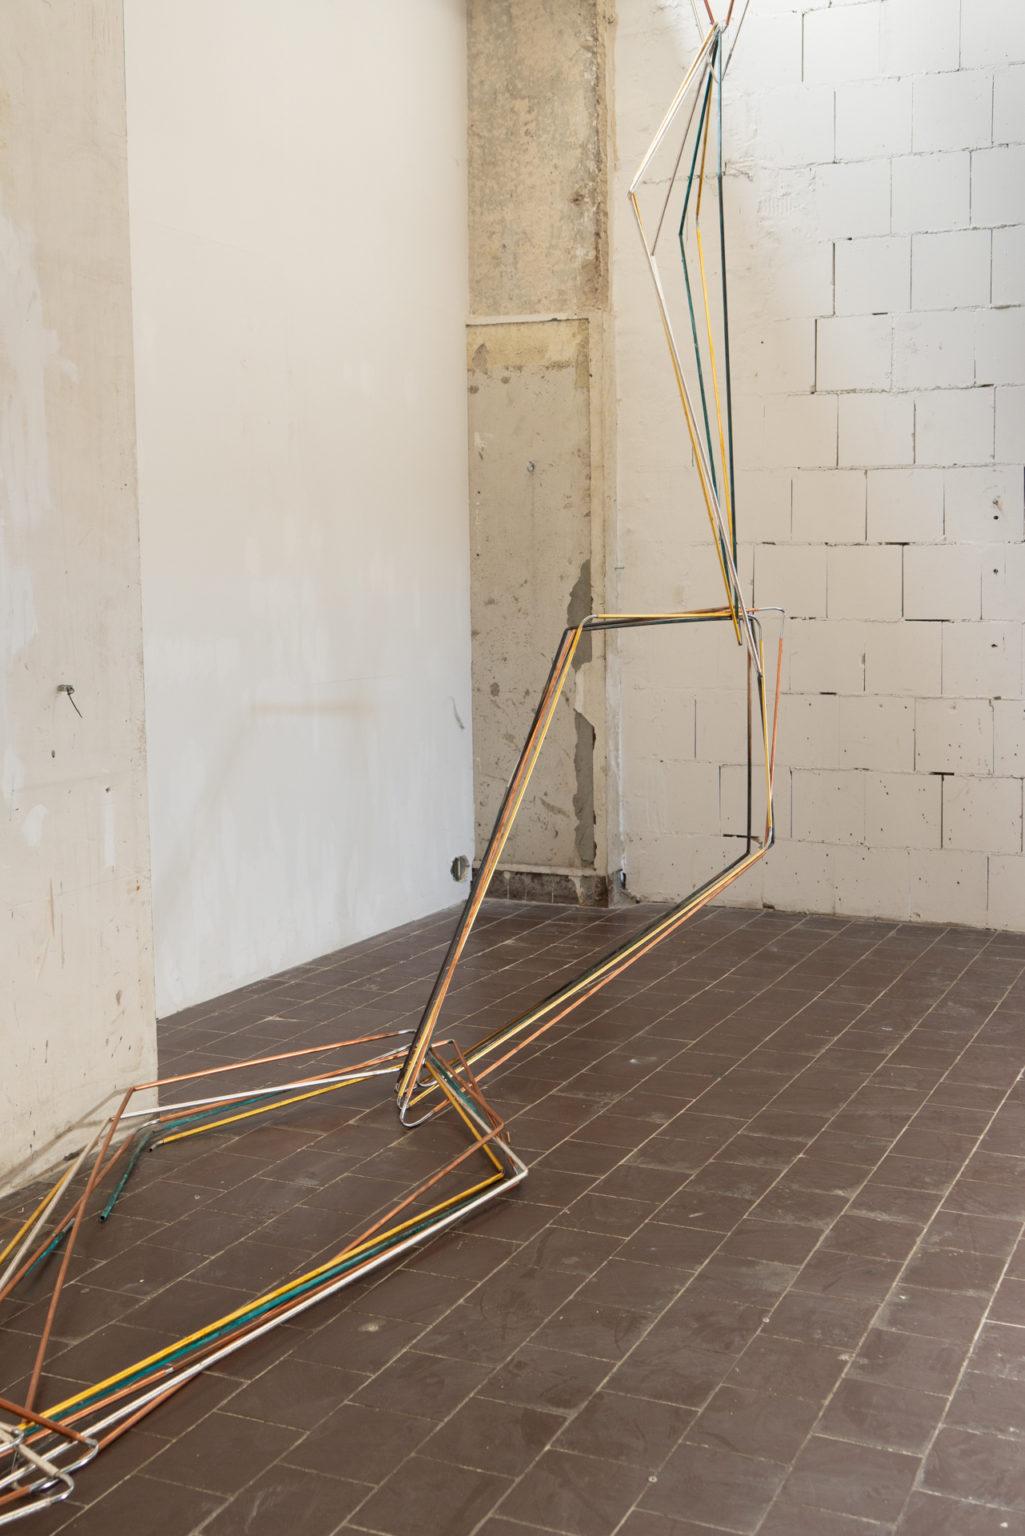 Drachengestänge, 2018-2021, Kupferrohr, Blattsilber, Blattgold, Oxidation, 24 Formen á ca. 160 x 60 cm